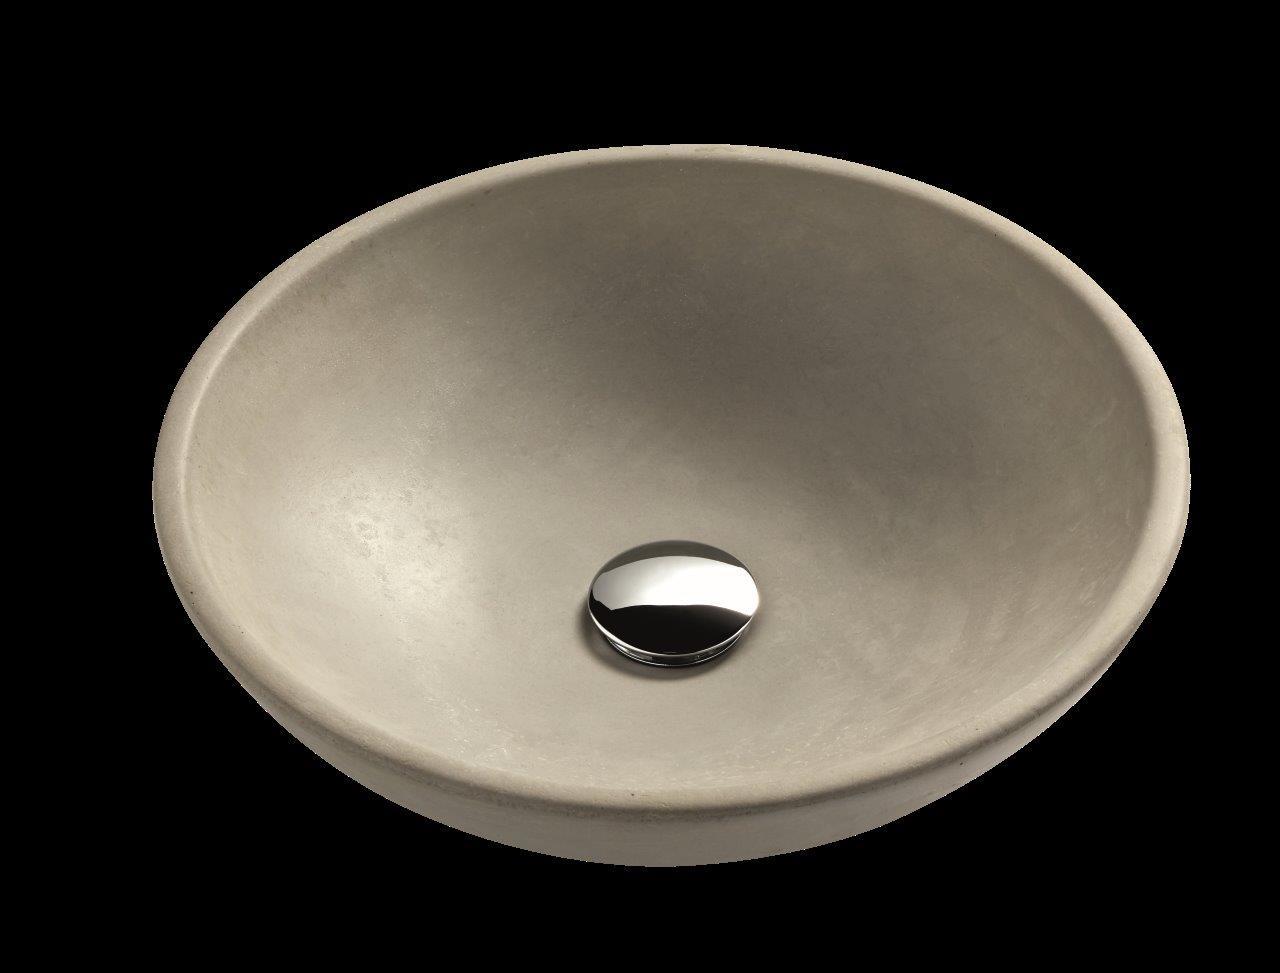 Wastafel Van Beton : Ronde opzet wastafel beton round